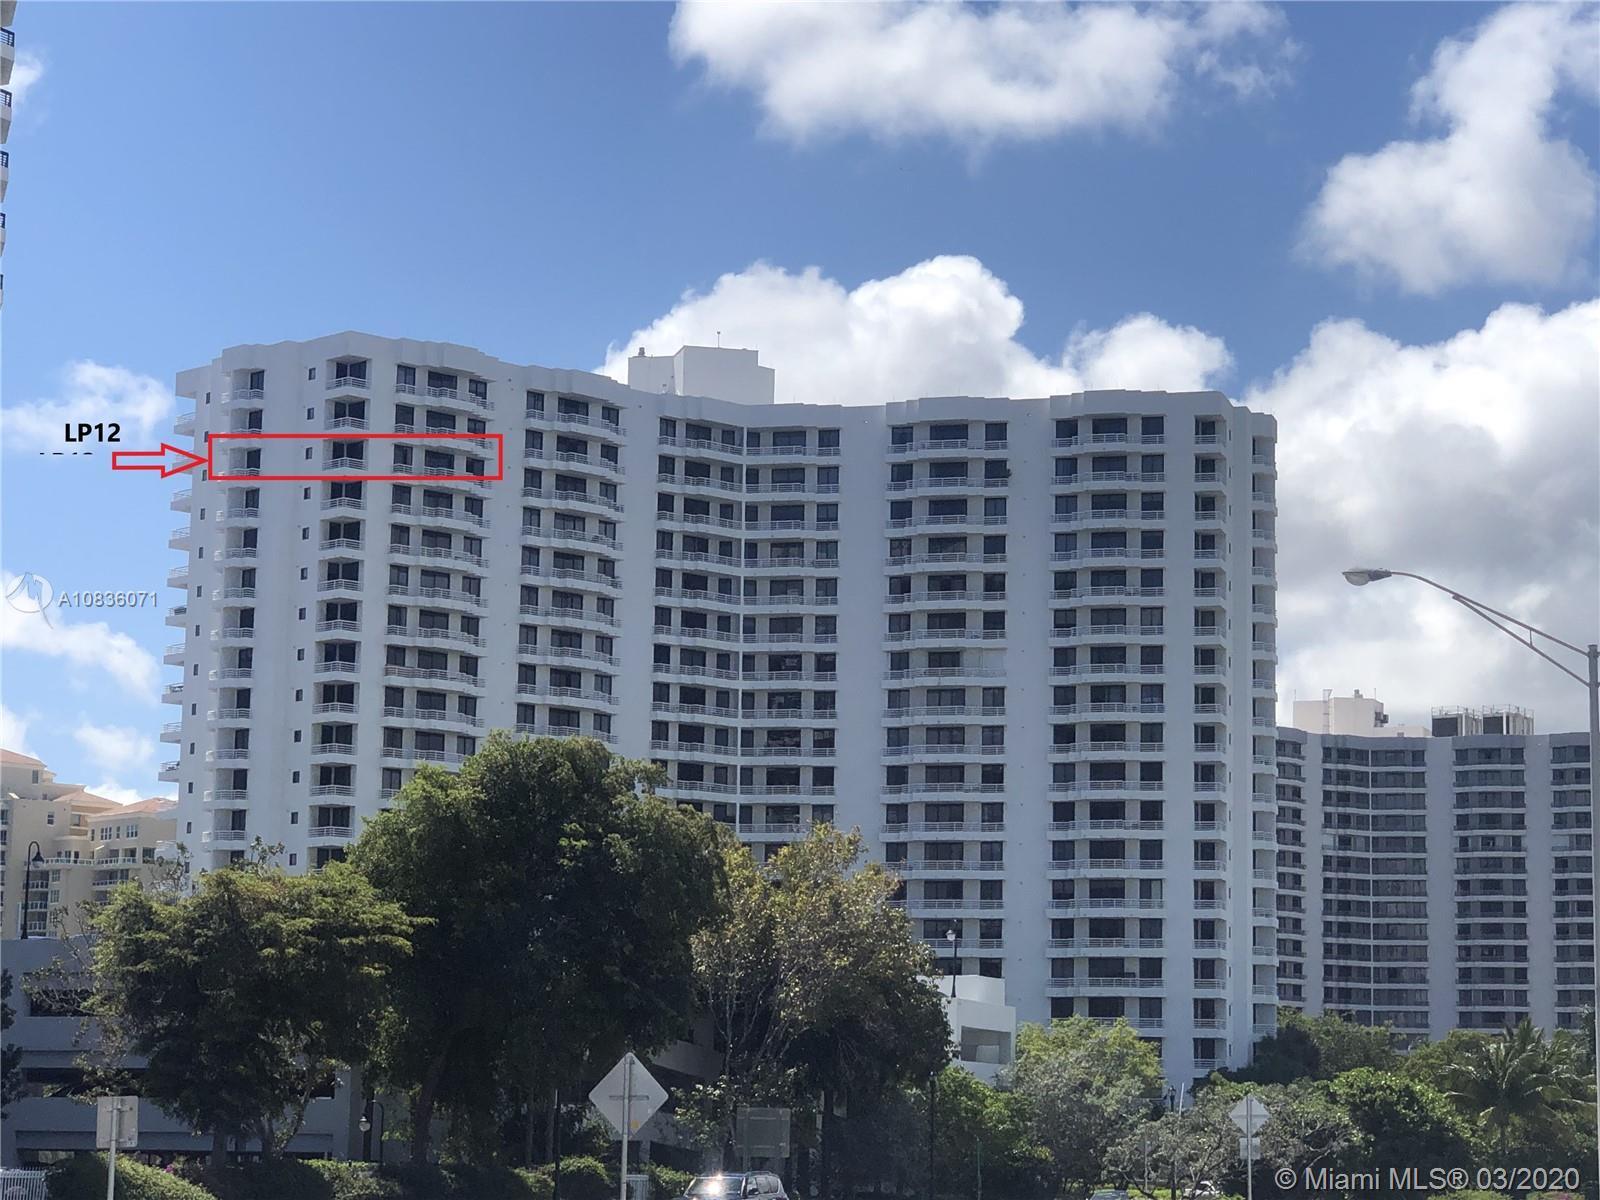 Parc Central East #LP12 - 3300 NE 192nd St #LP12, Aventura, FL 33180